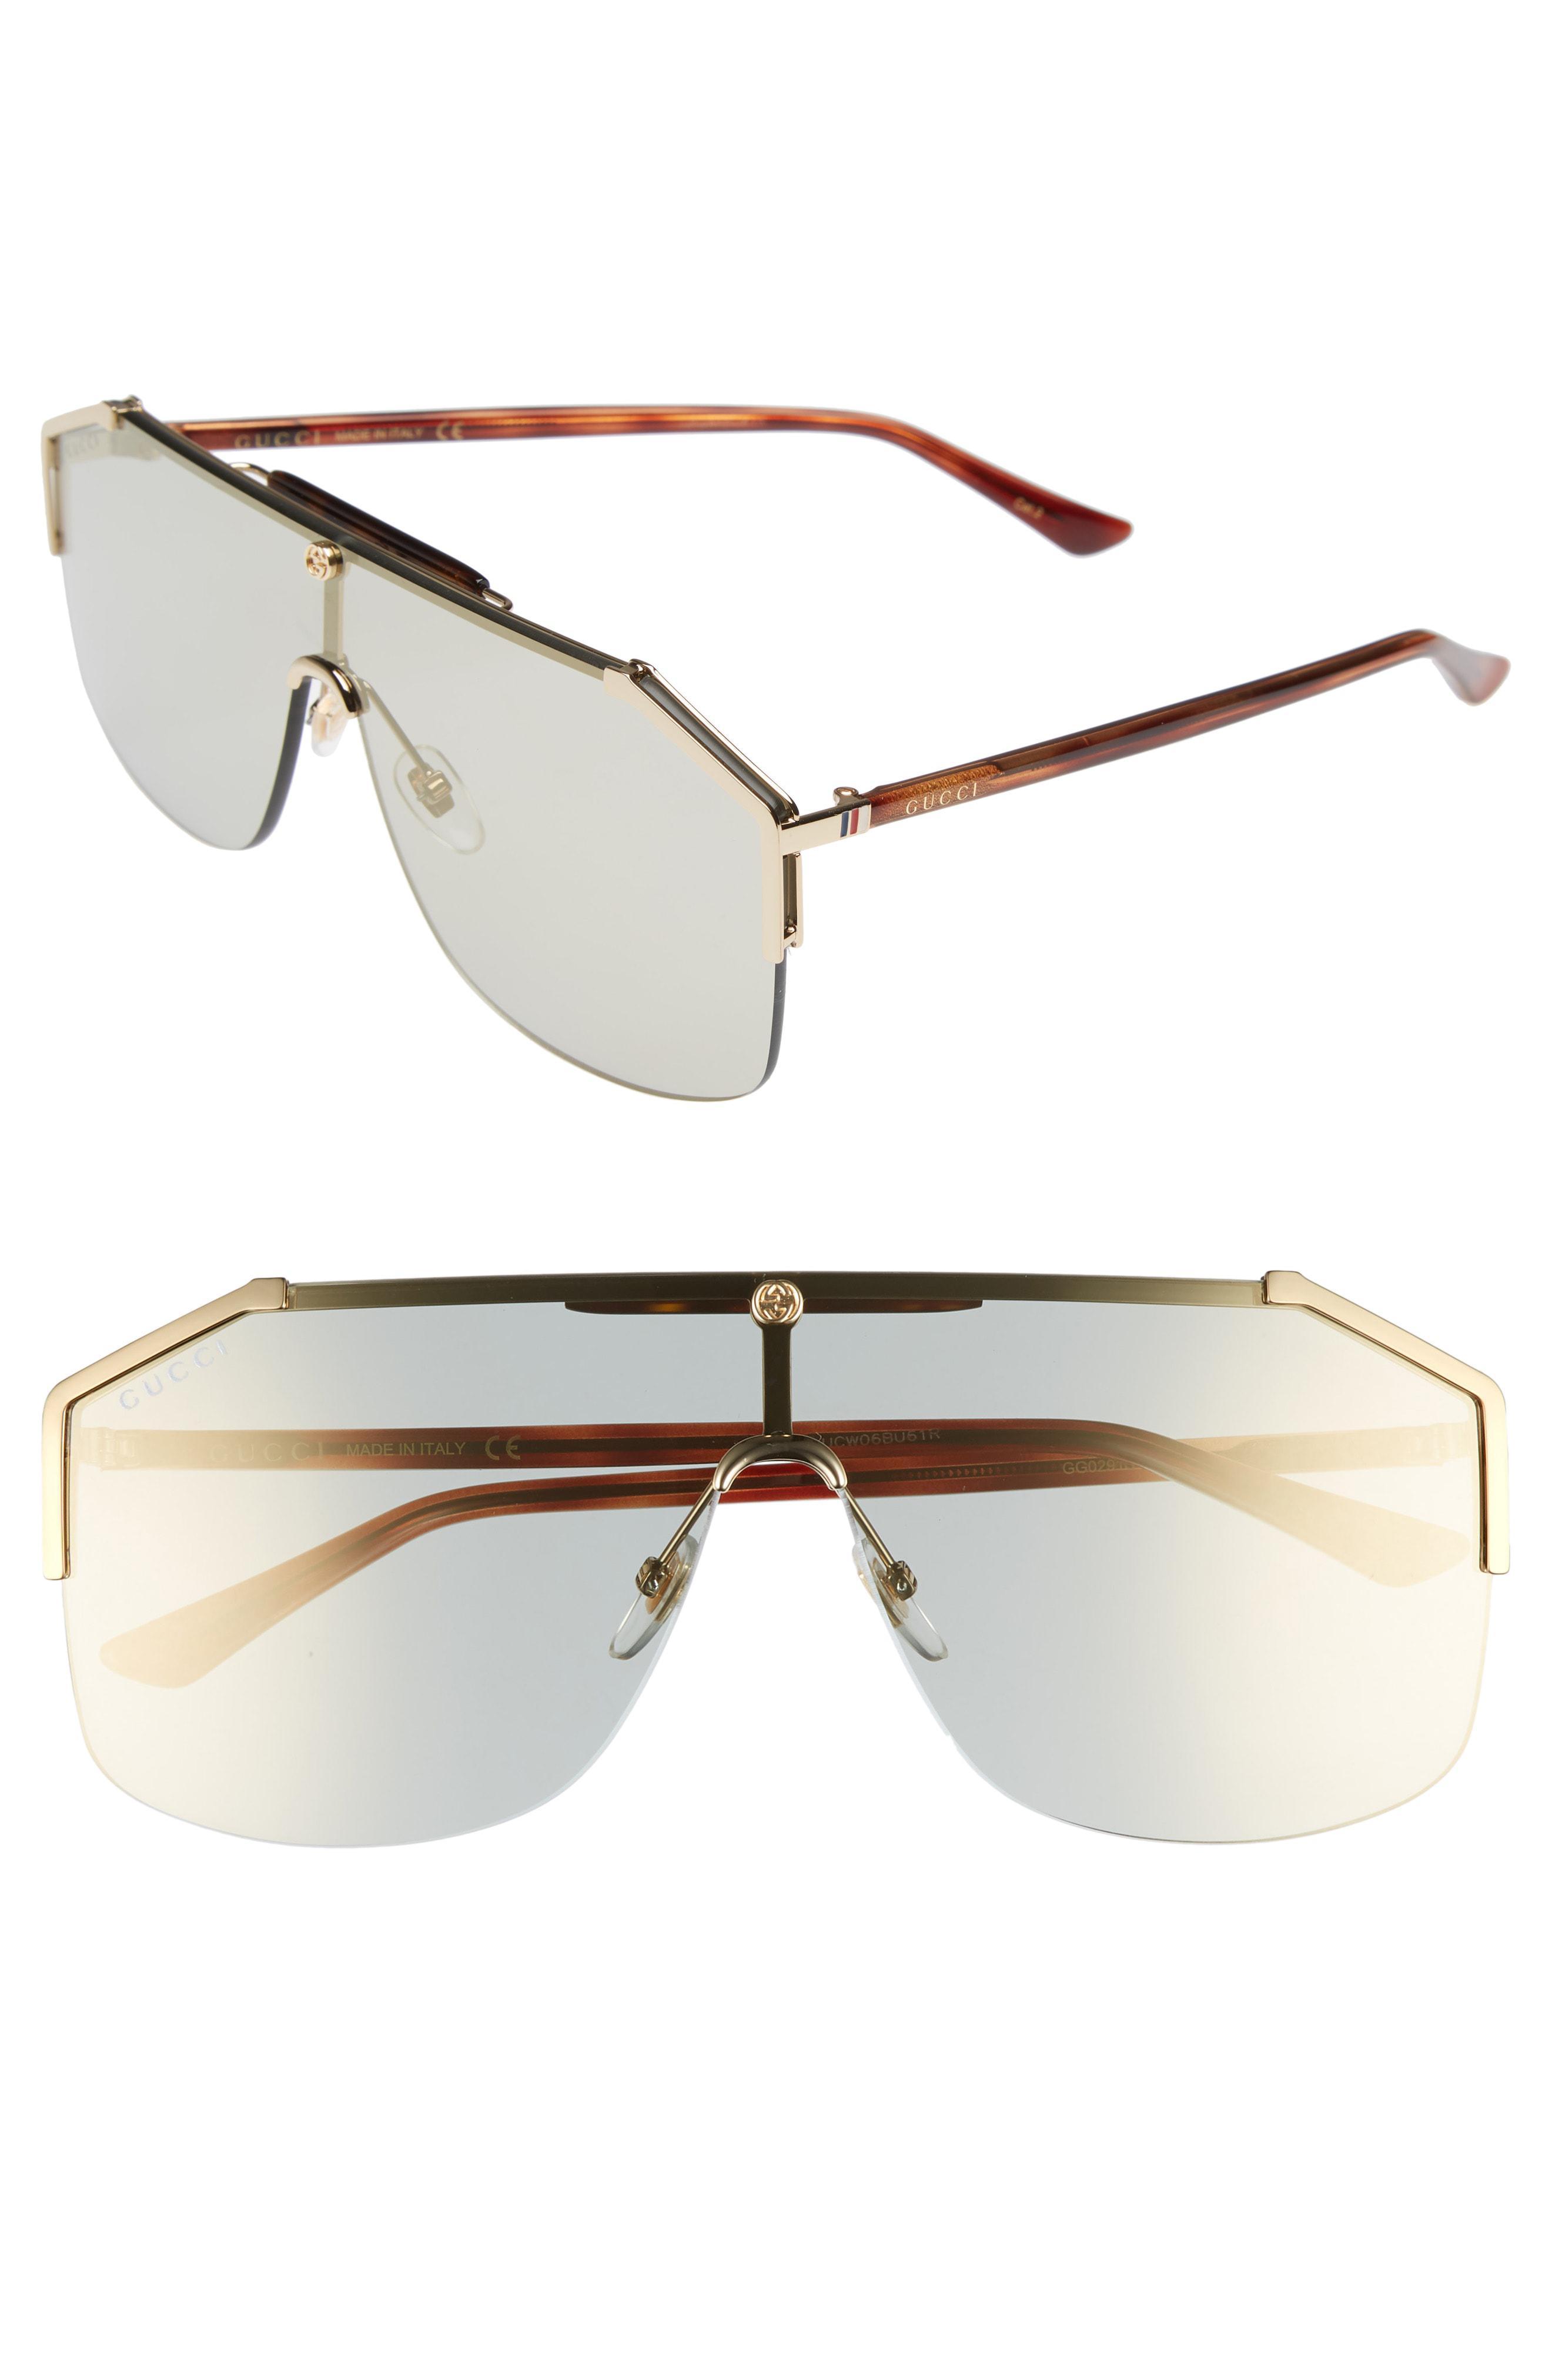 0e631a66b80 Lyst - Gucci Retro Web Shield 62mm Sunglasses - Blonde Havana for Men